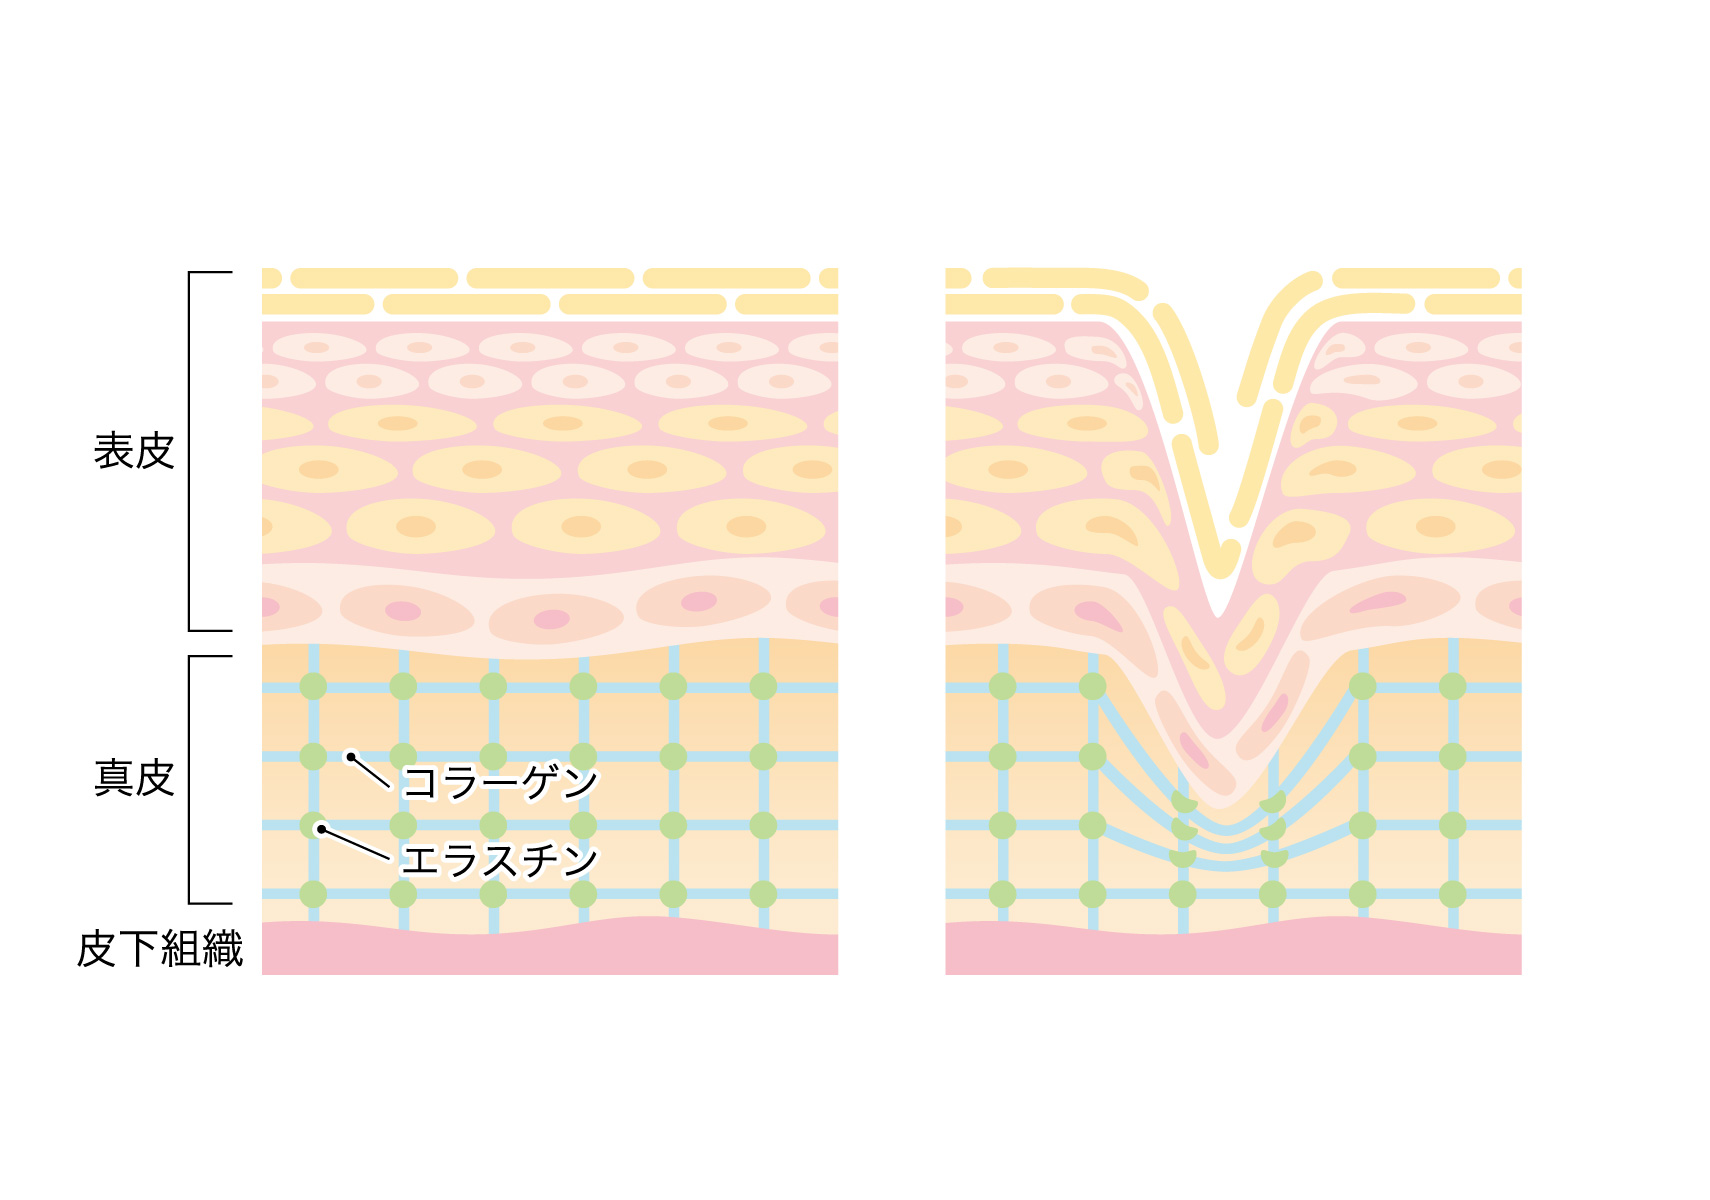 皮膚構造角質層